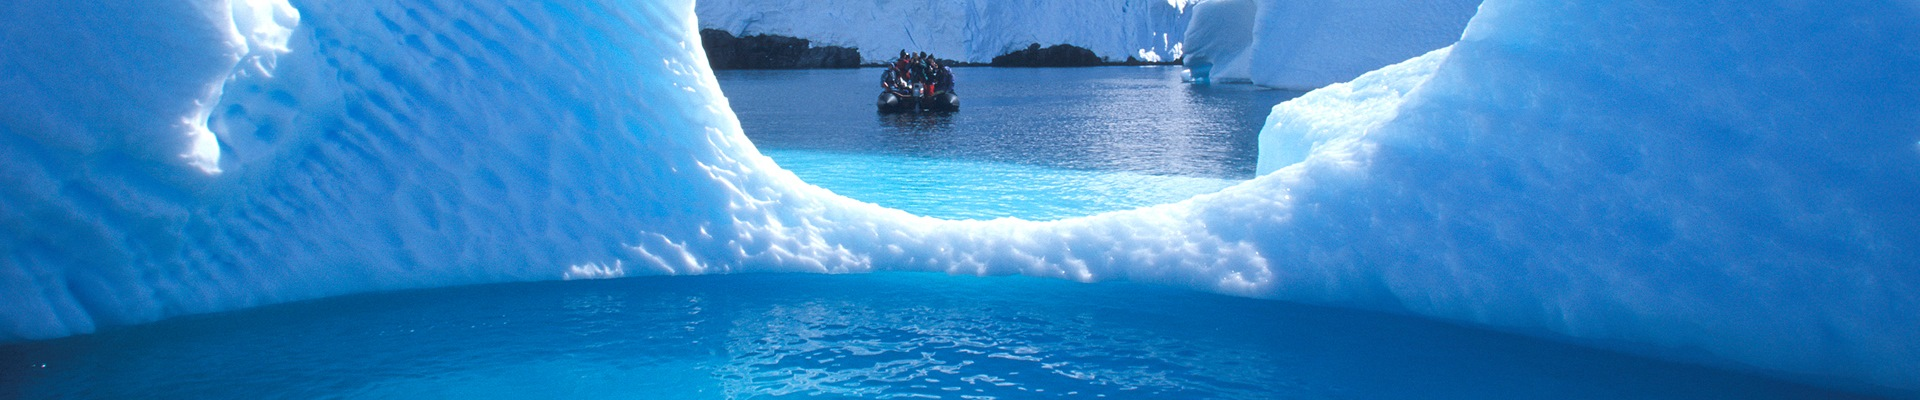 Antarctic Trip